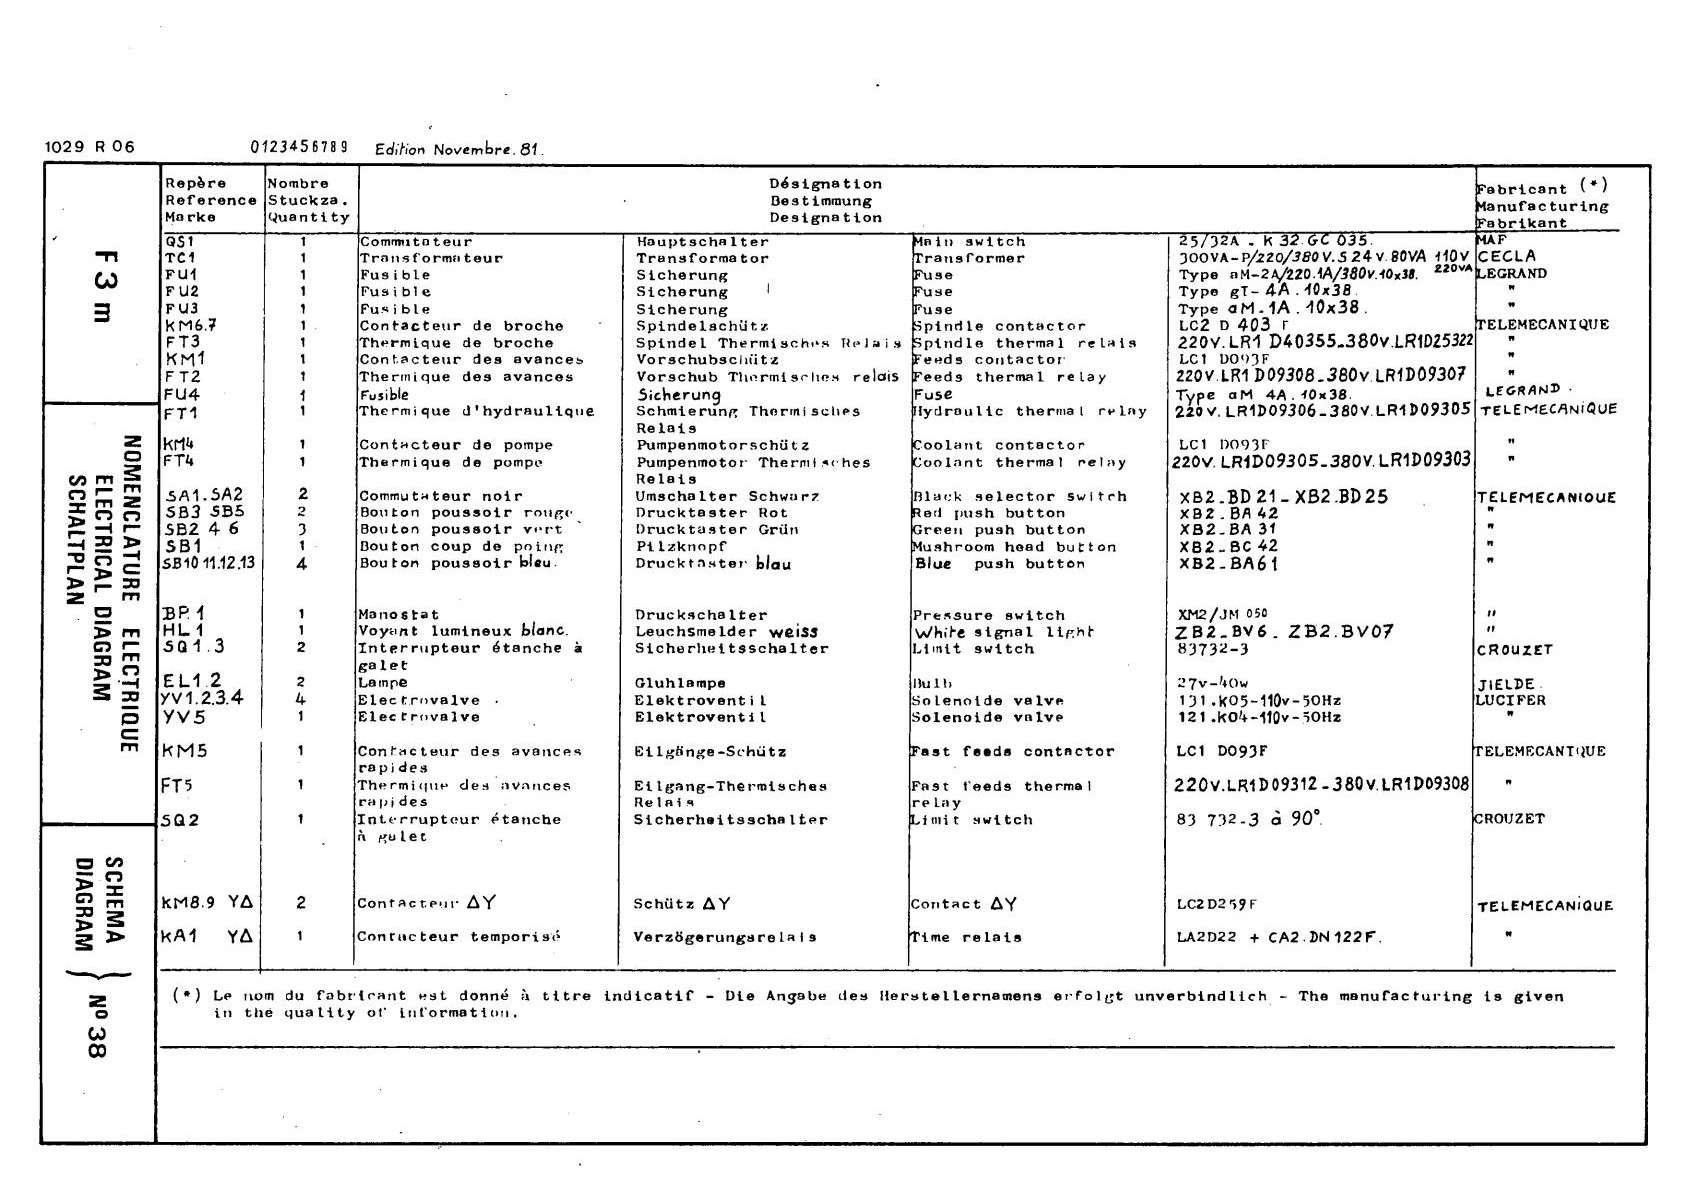 Gambin 3 M 1972r Schemat electric Uw6710